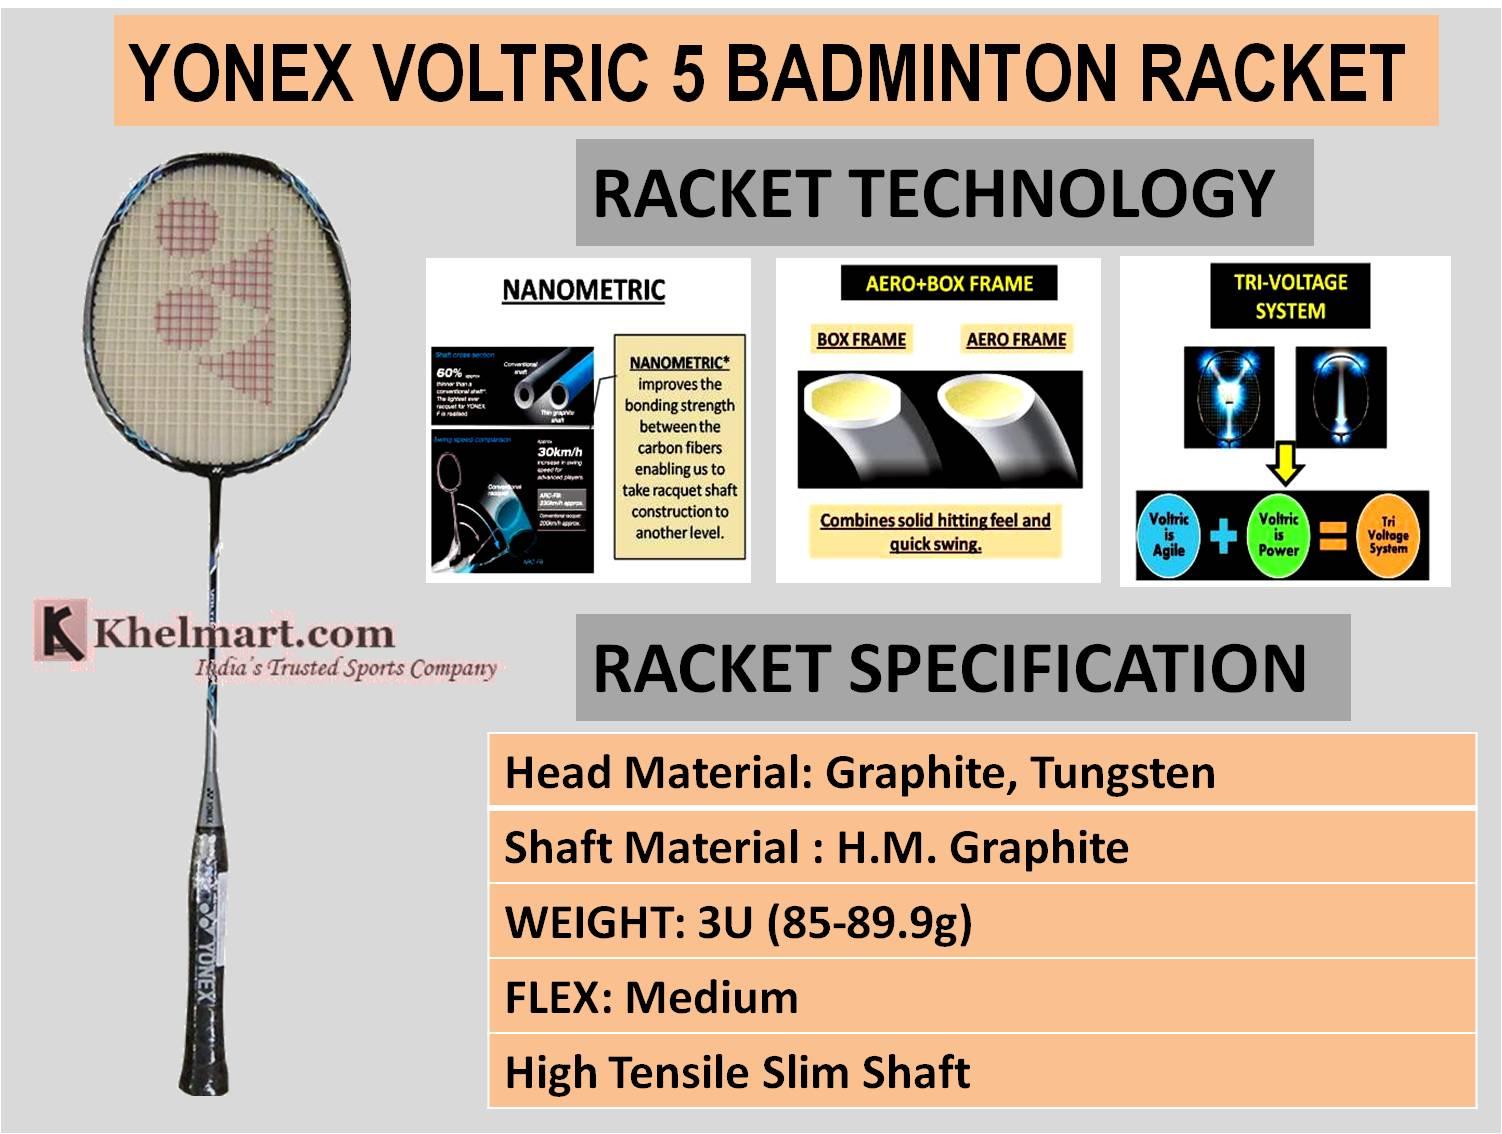 YONEX_VOLTRIC_5_BADMINTON_RACKET